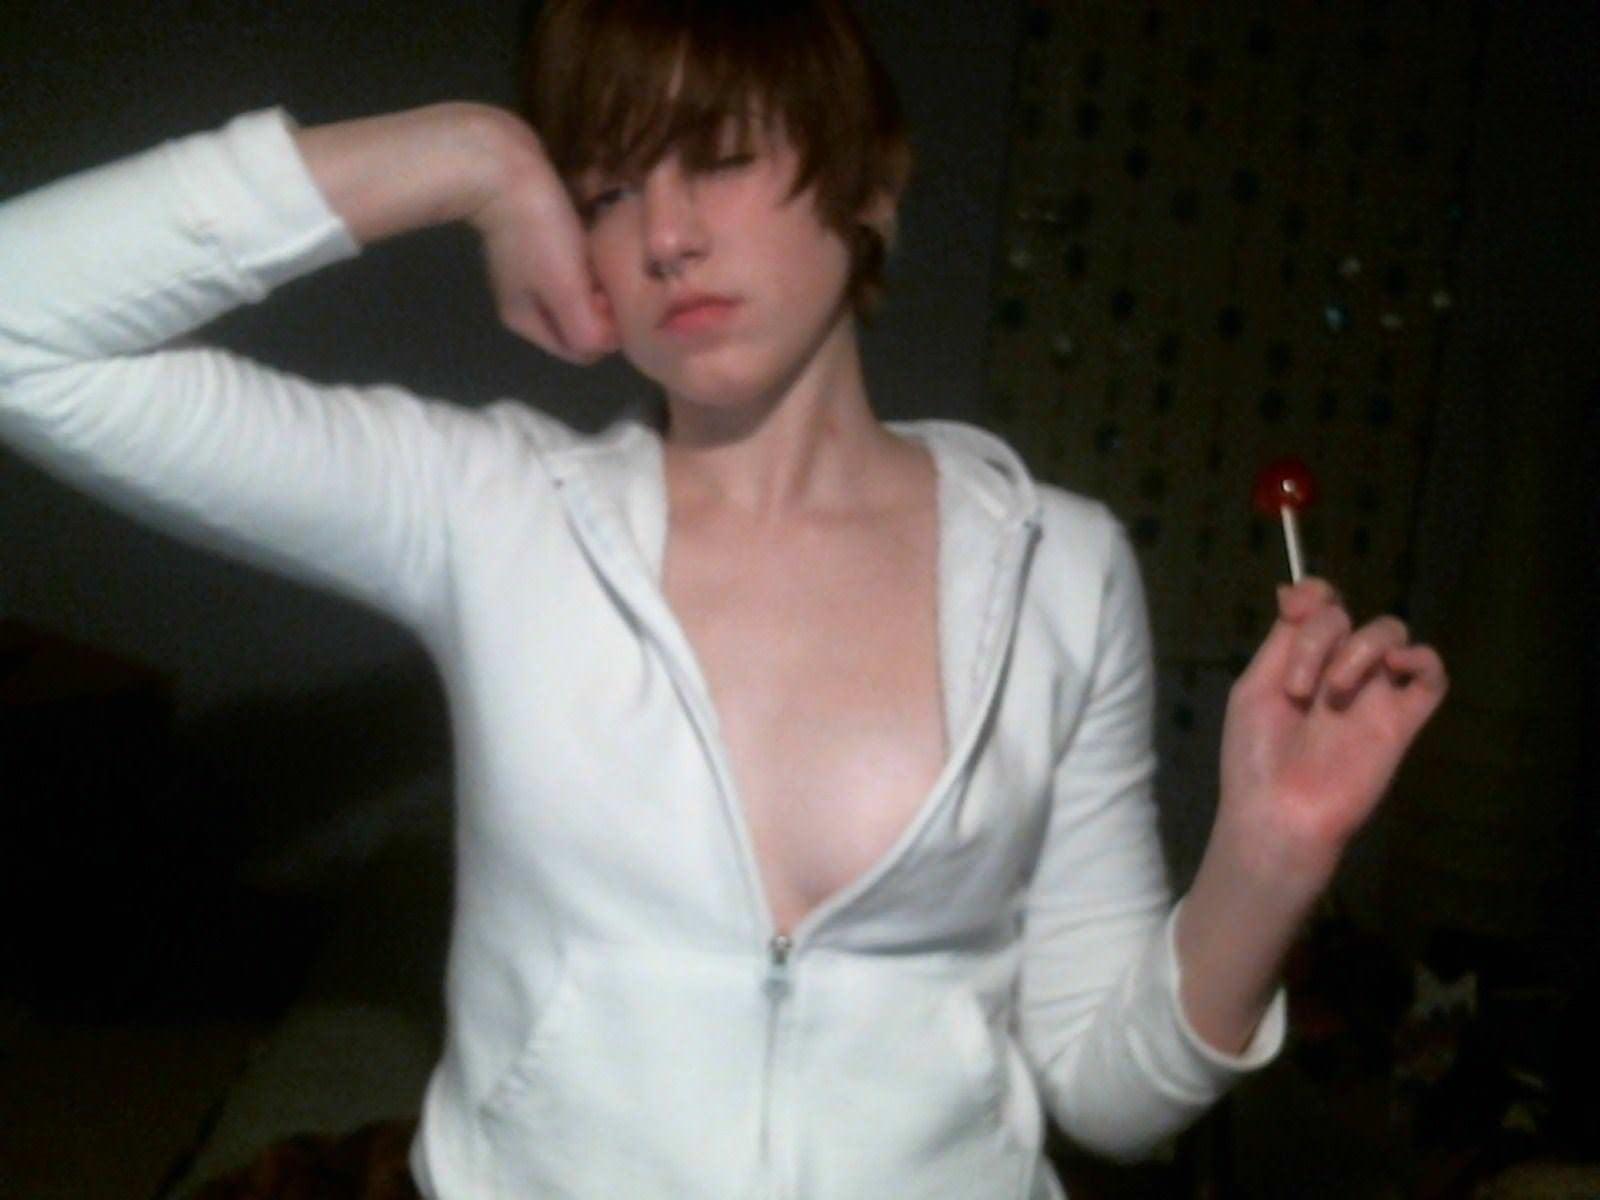 【外人】飴と全裸でアナル全開ネット公開してるボーイッシュなロシア人素人娘のポルノ画像 20122